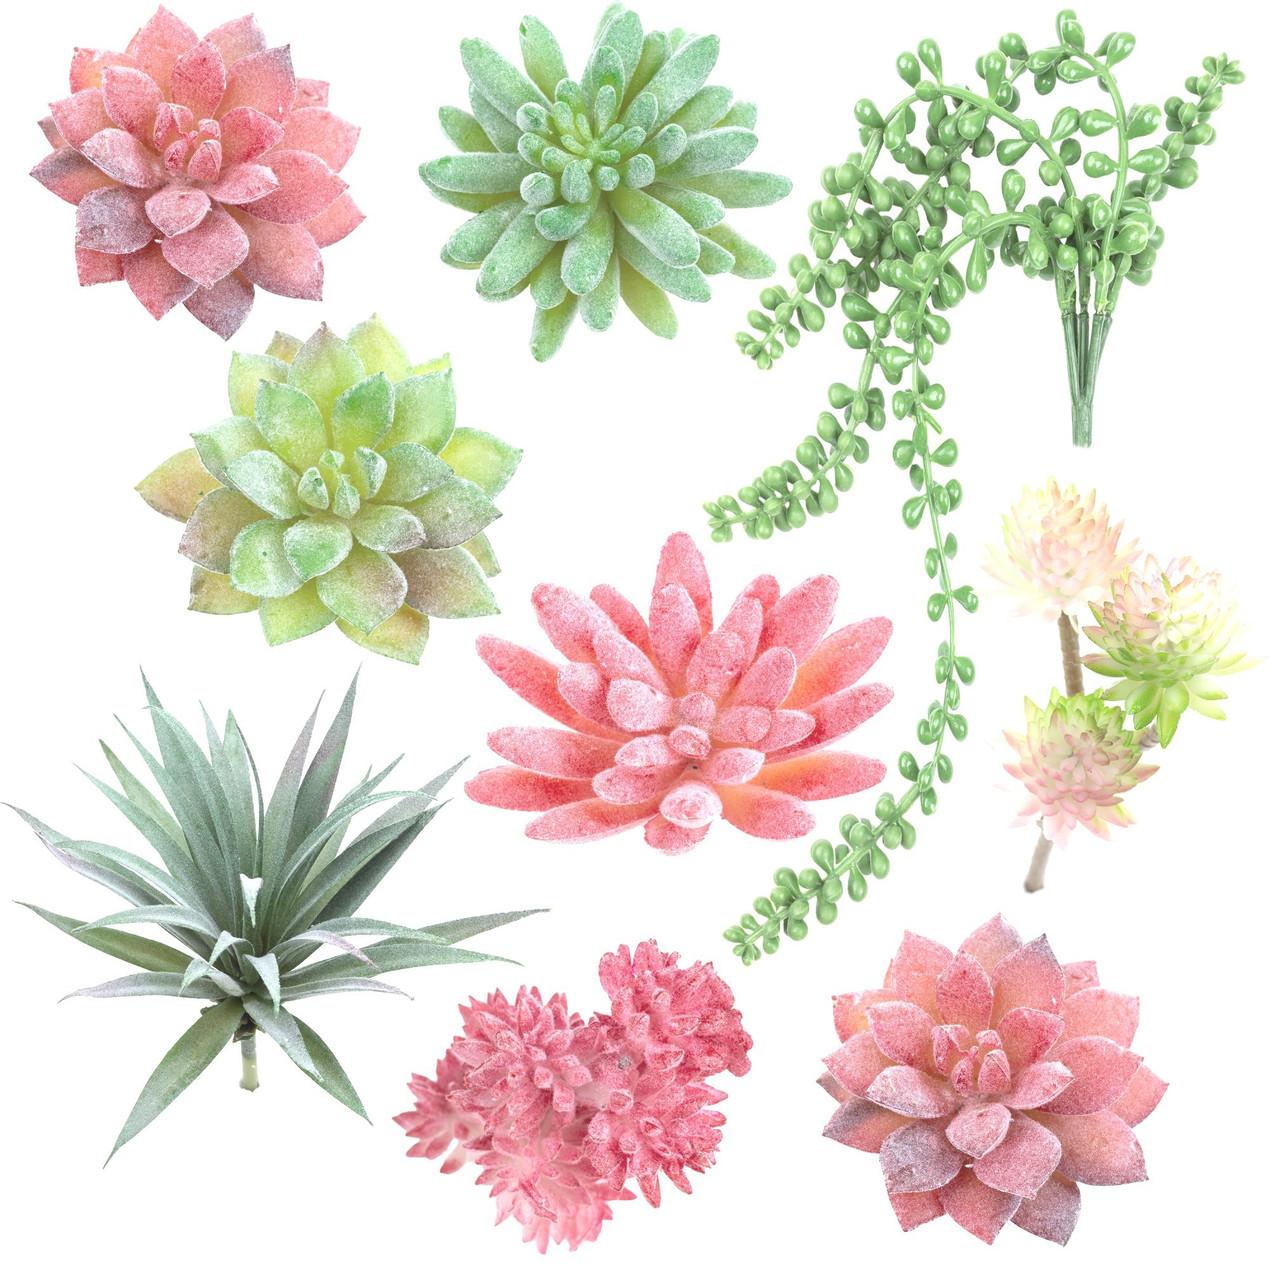 kiero.co | plantas suculentas | producto